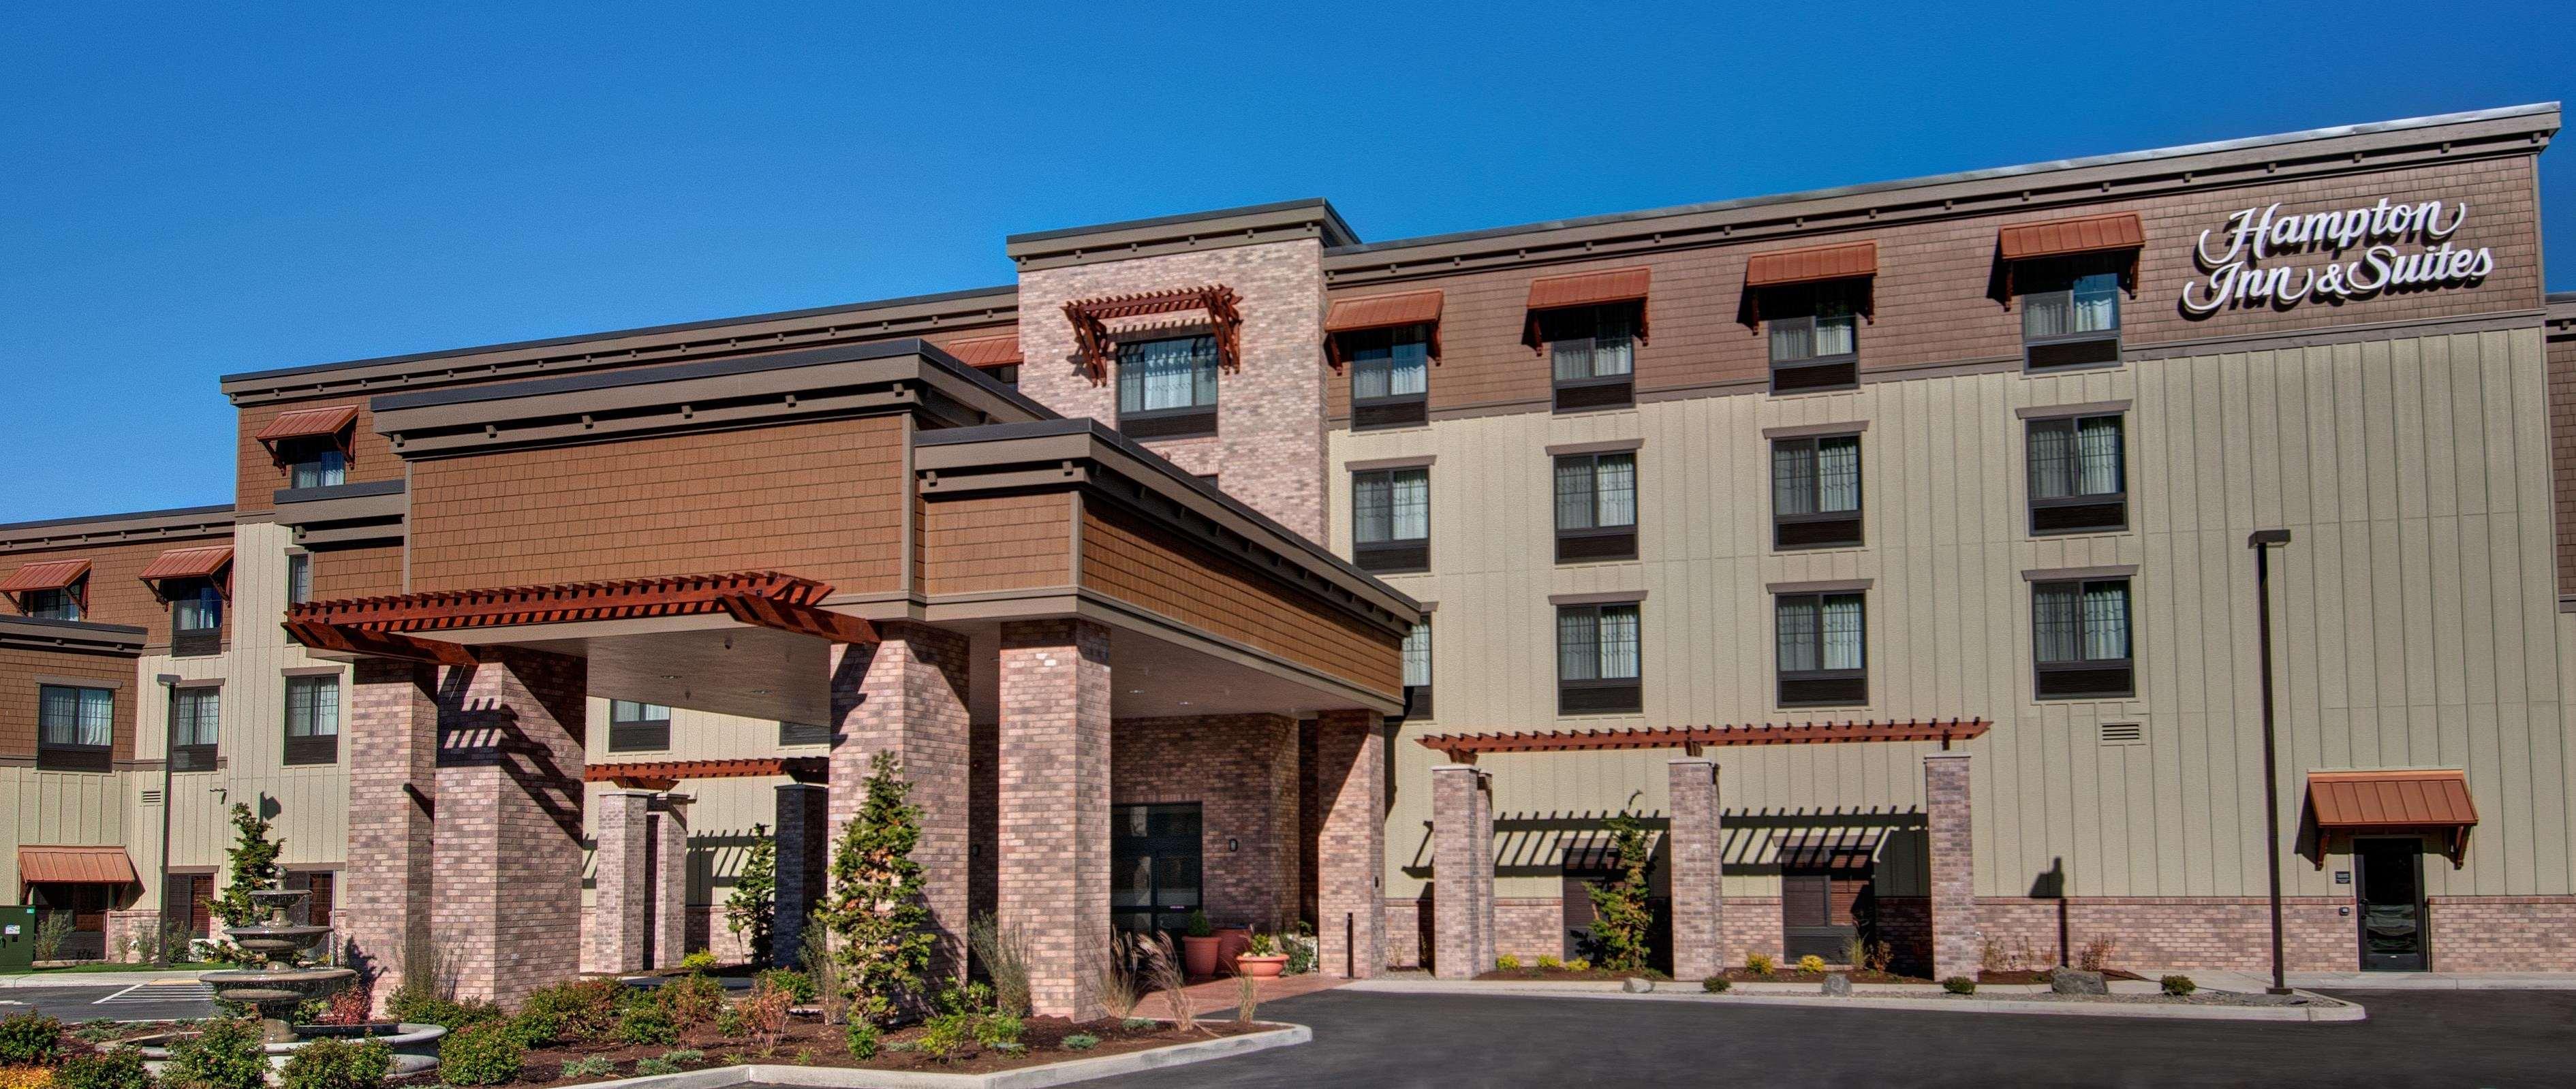 Hampton Inn & Suites Astoria image 0